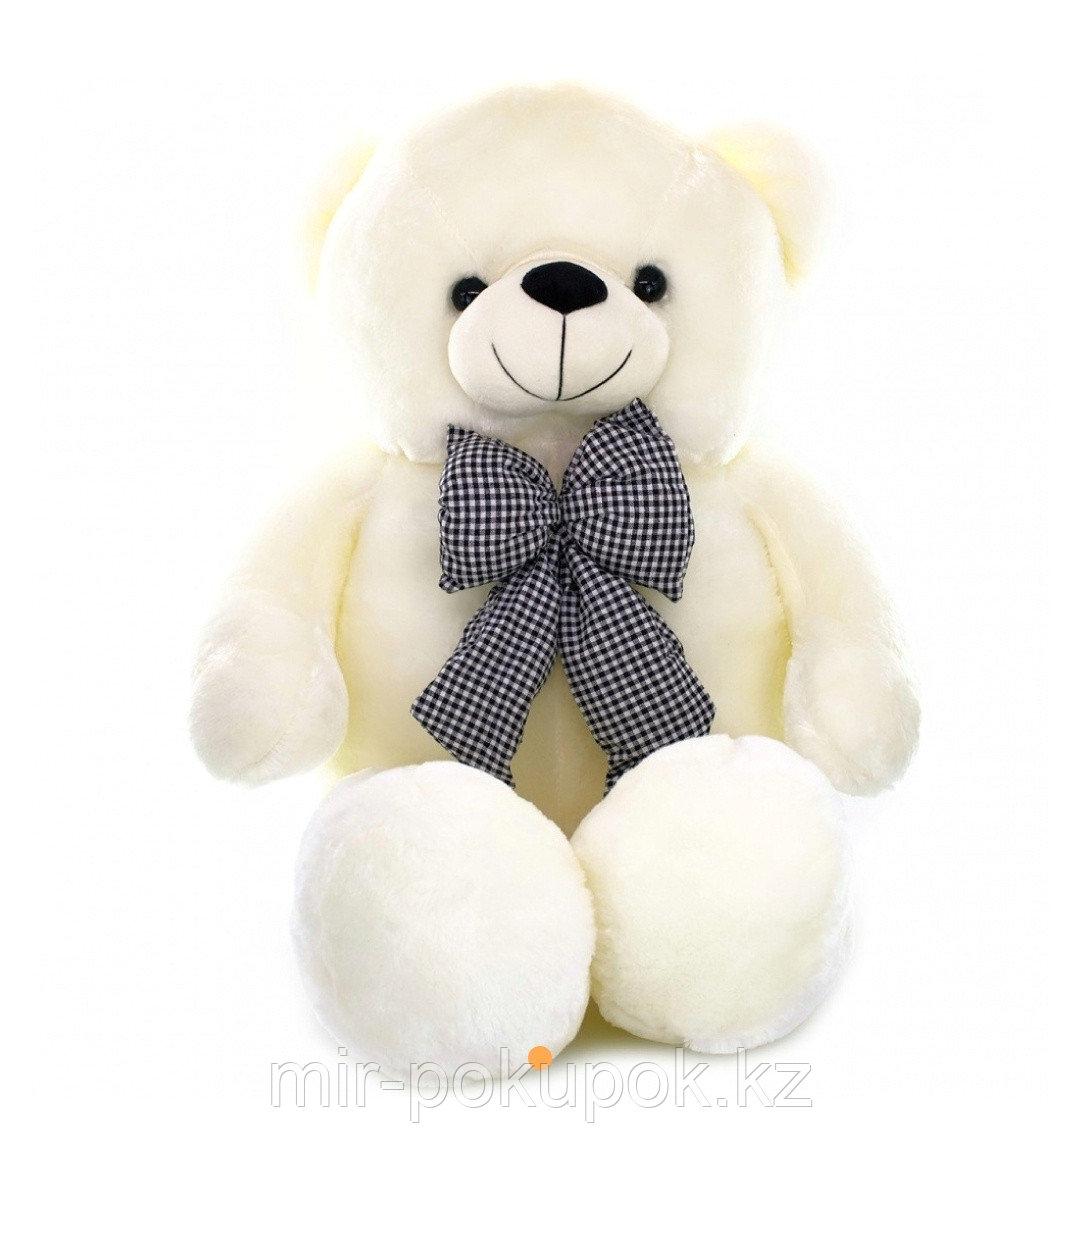 Мягкая игрушка медведь Нэстор, 100 см, Алматы